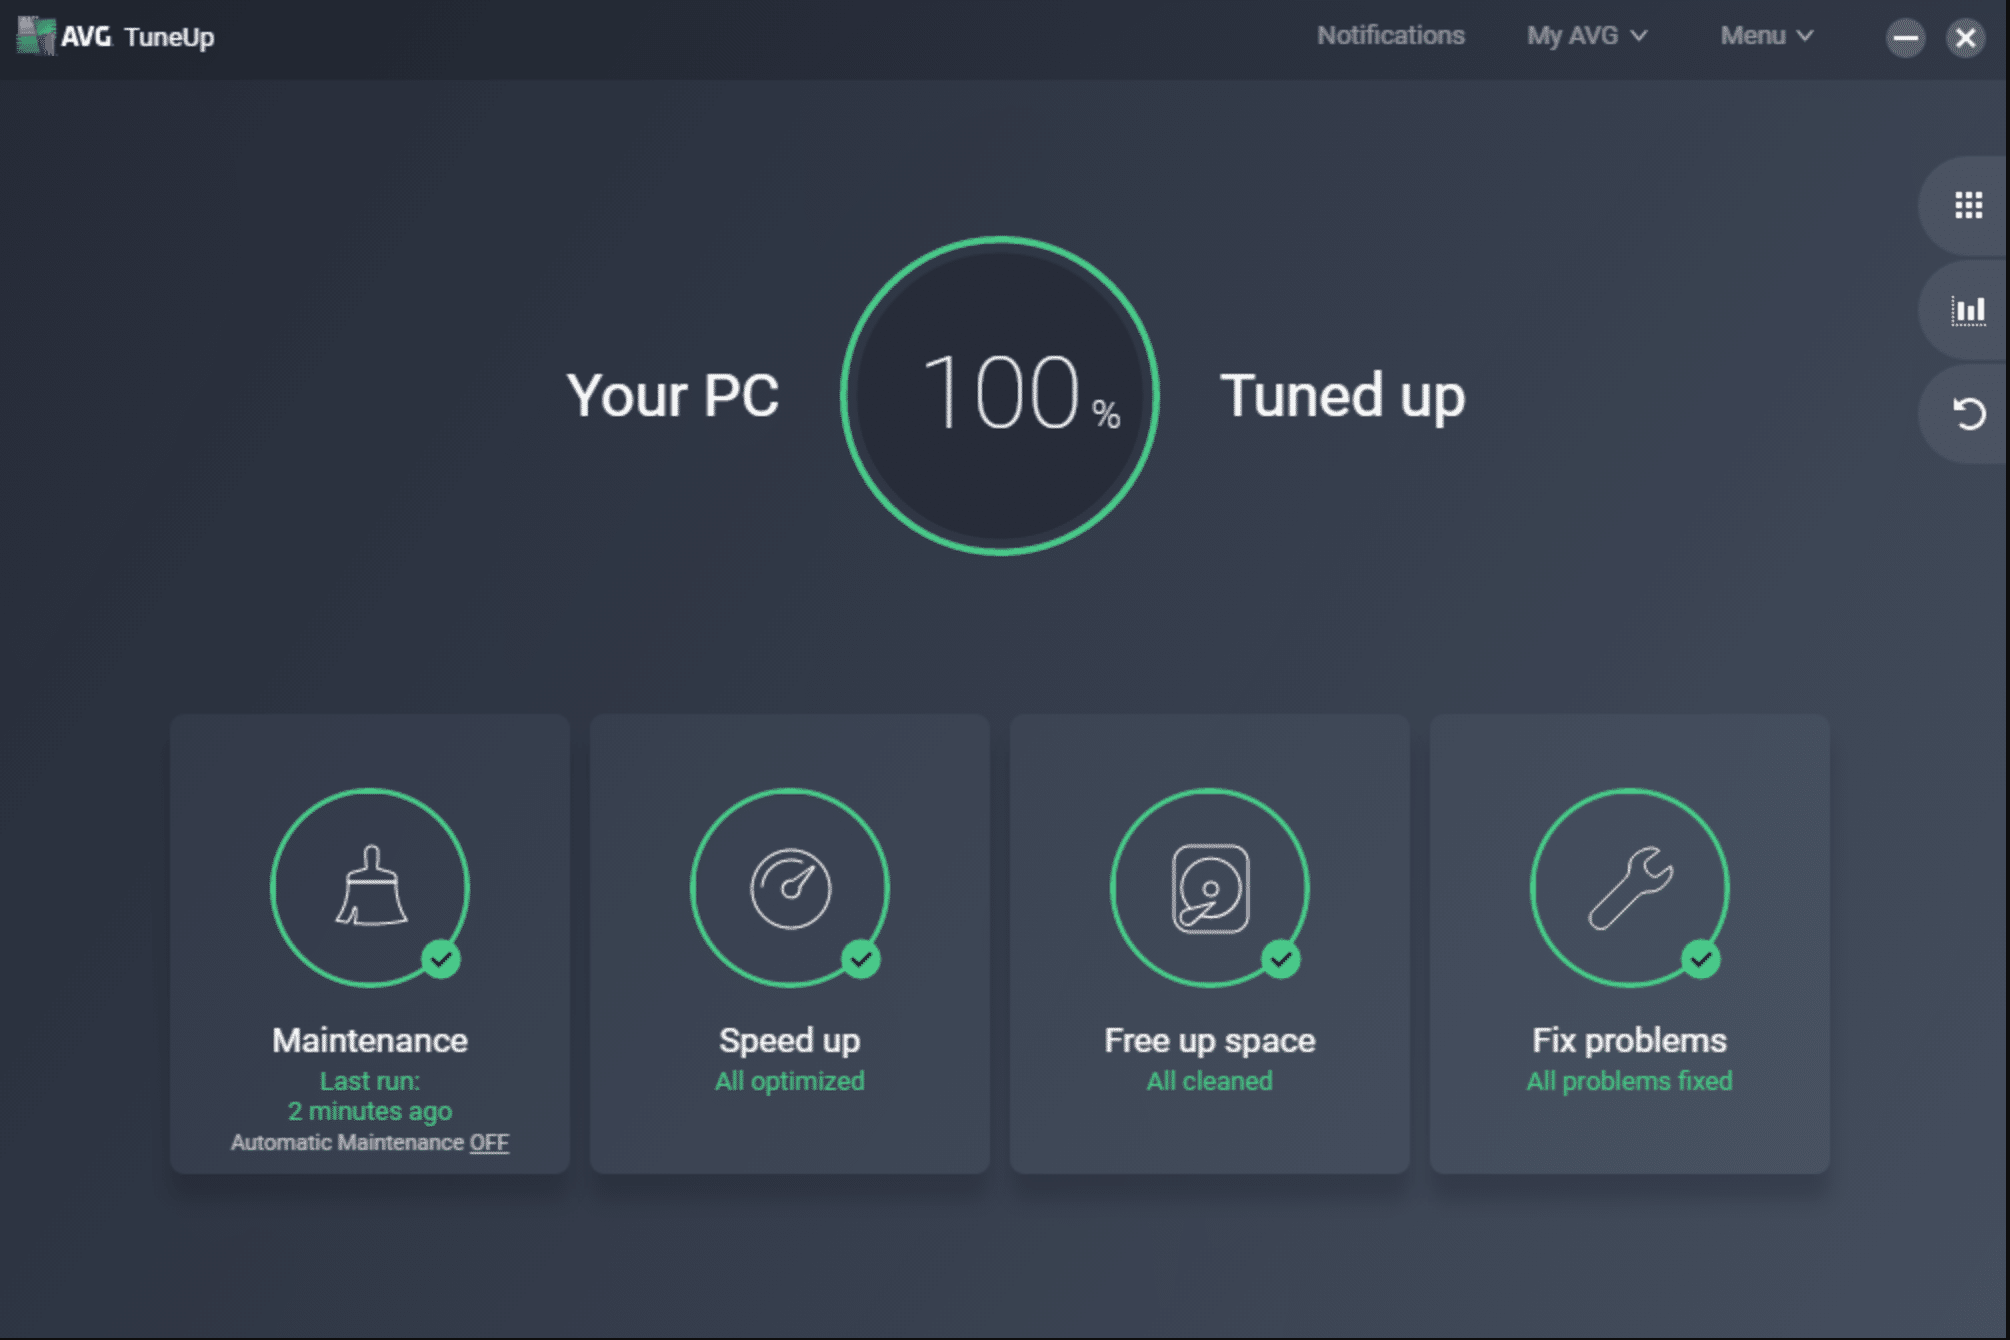 AVG User Interface